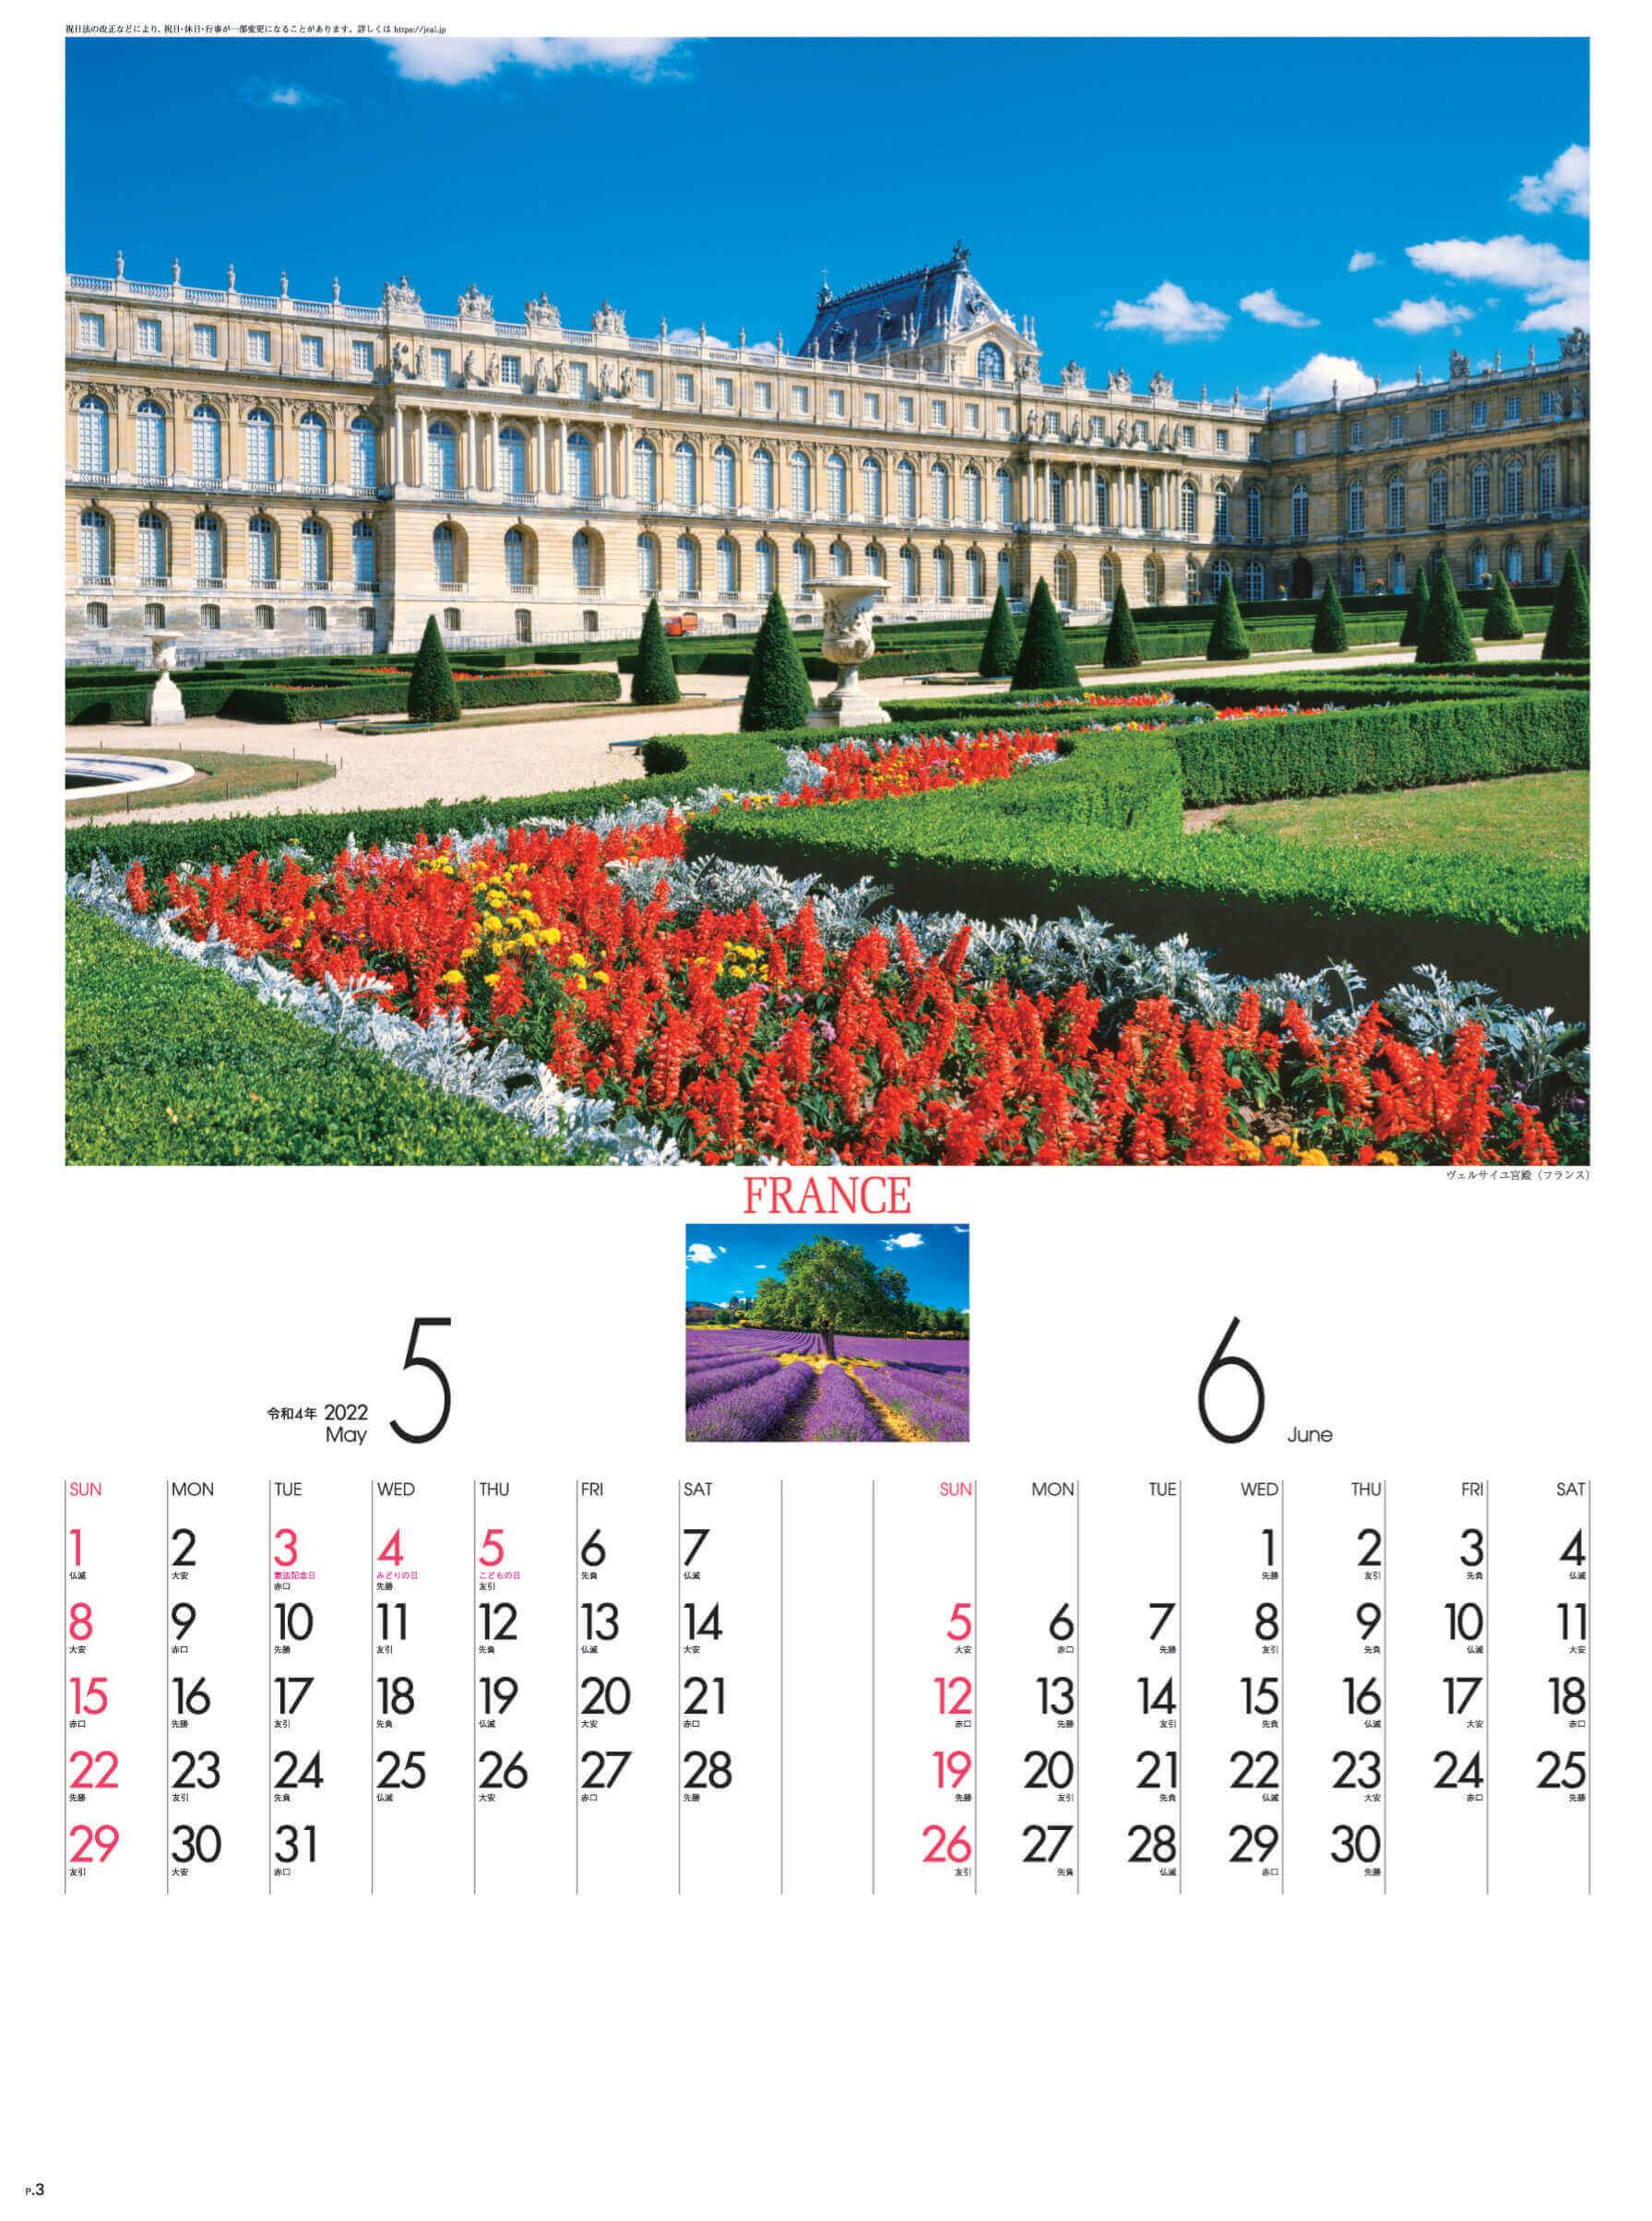 5-6月 ヴェルサイユ宮殿(フランス) ヨーロッパの旅 2022年カレンダーの画像